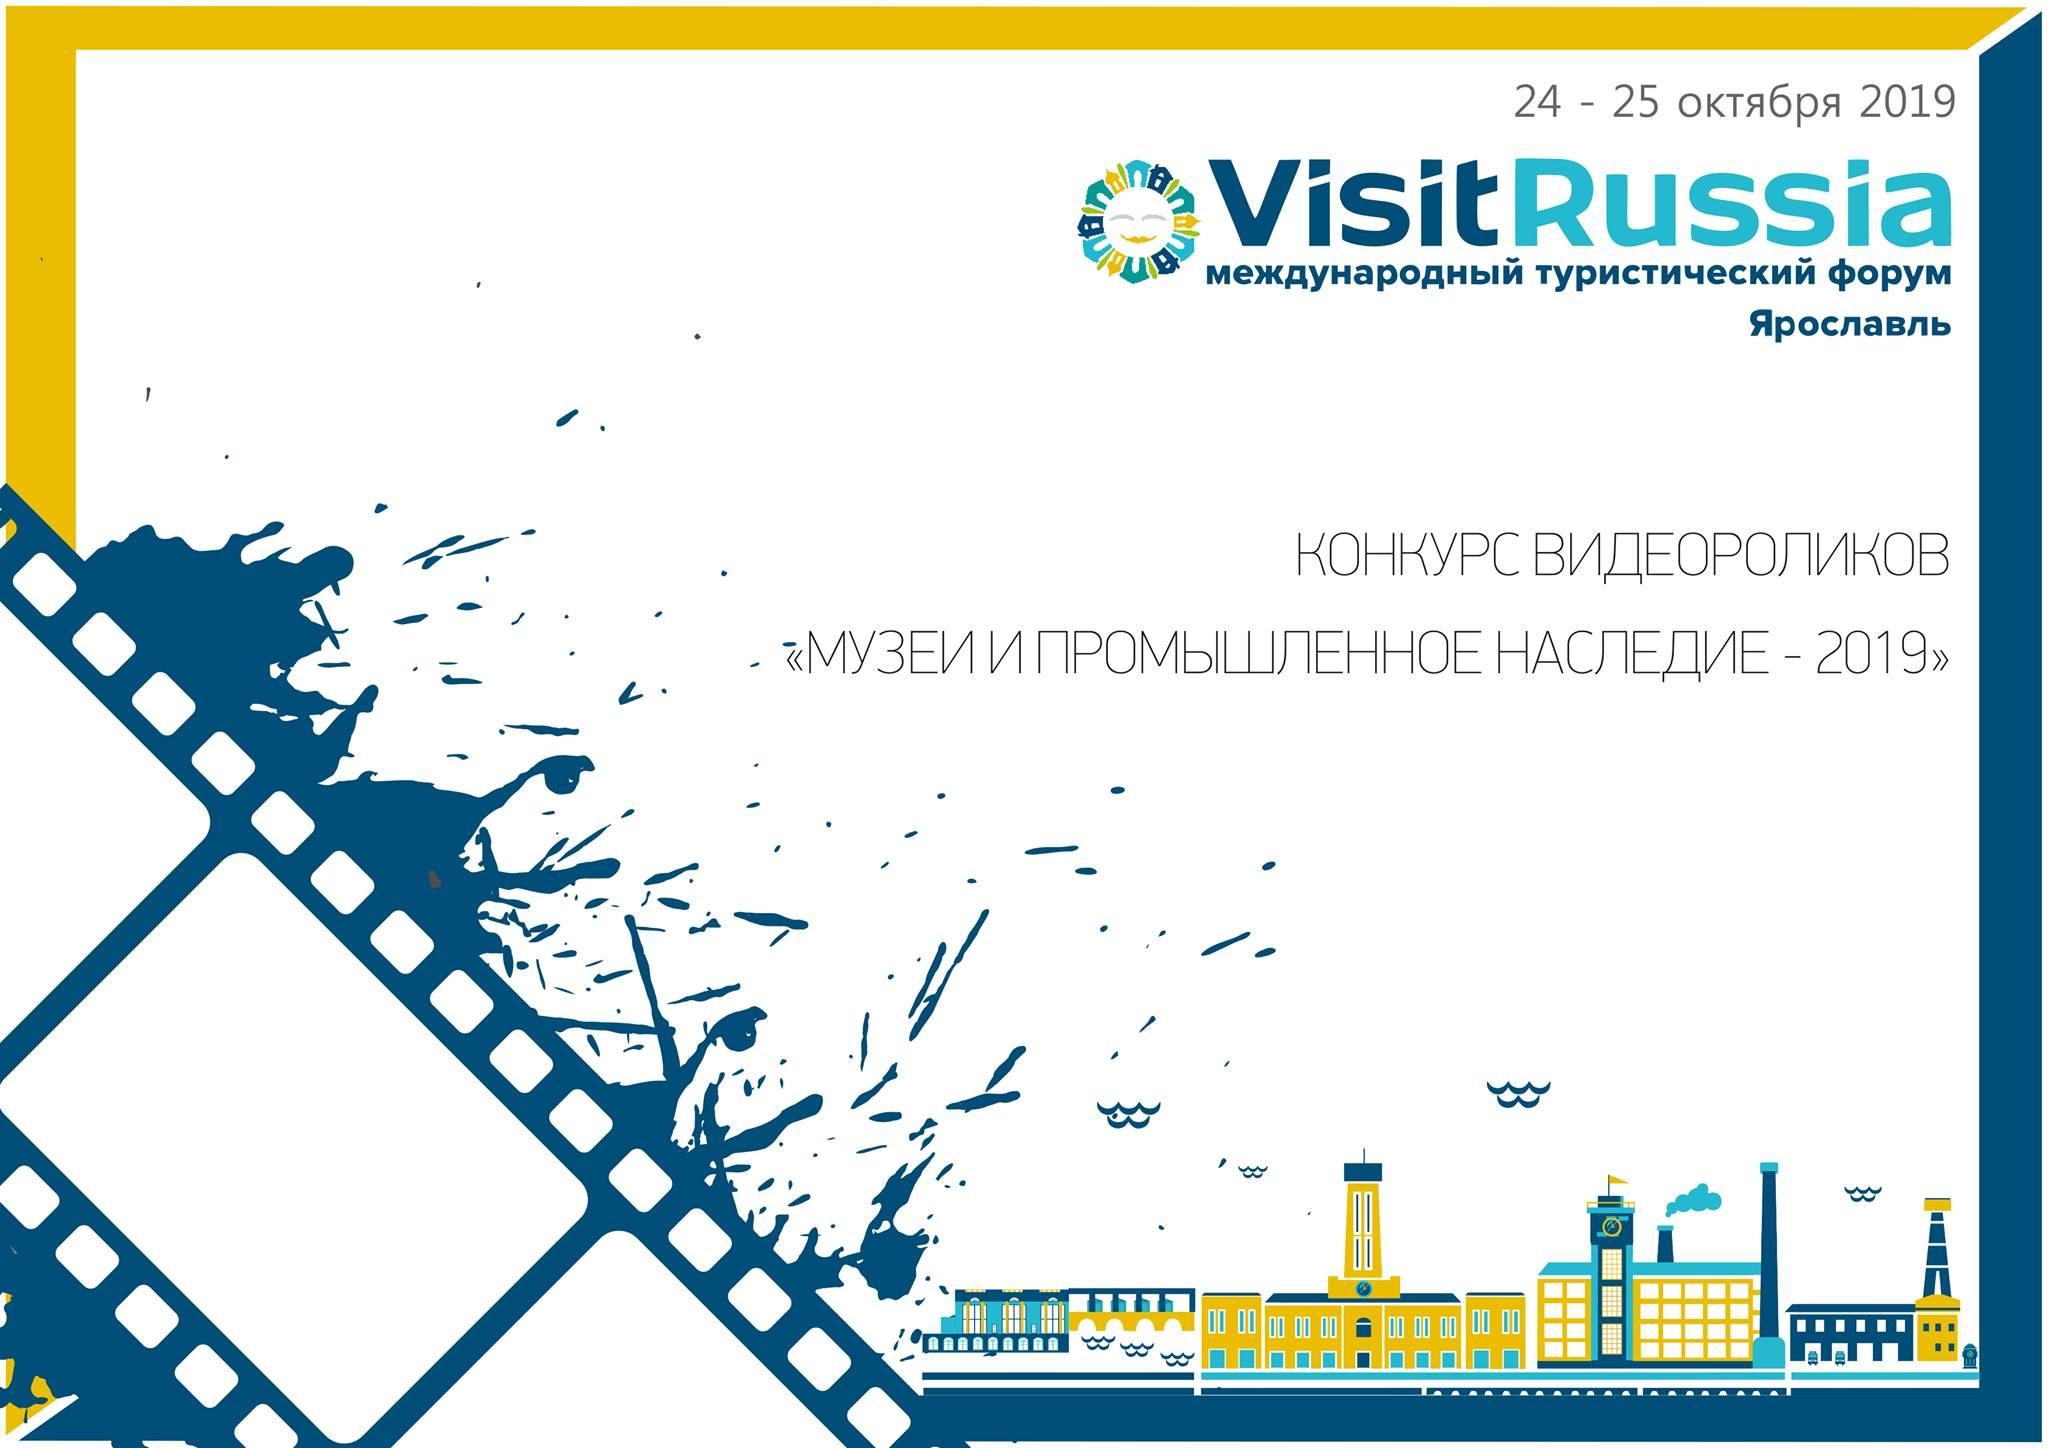 На форуме «Visit Russia» наградят победителей конкурса видеороликов «Музеи и промышленное наследие – 2019»